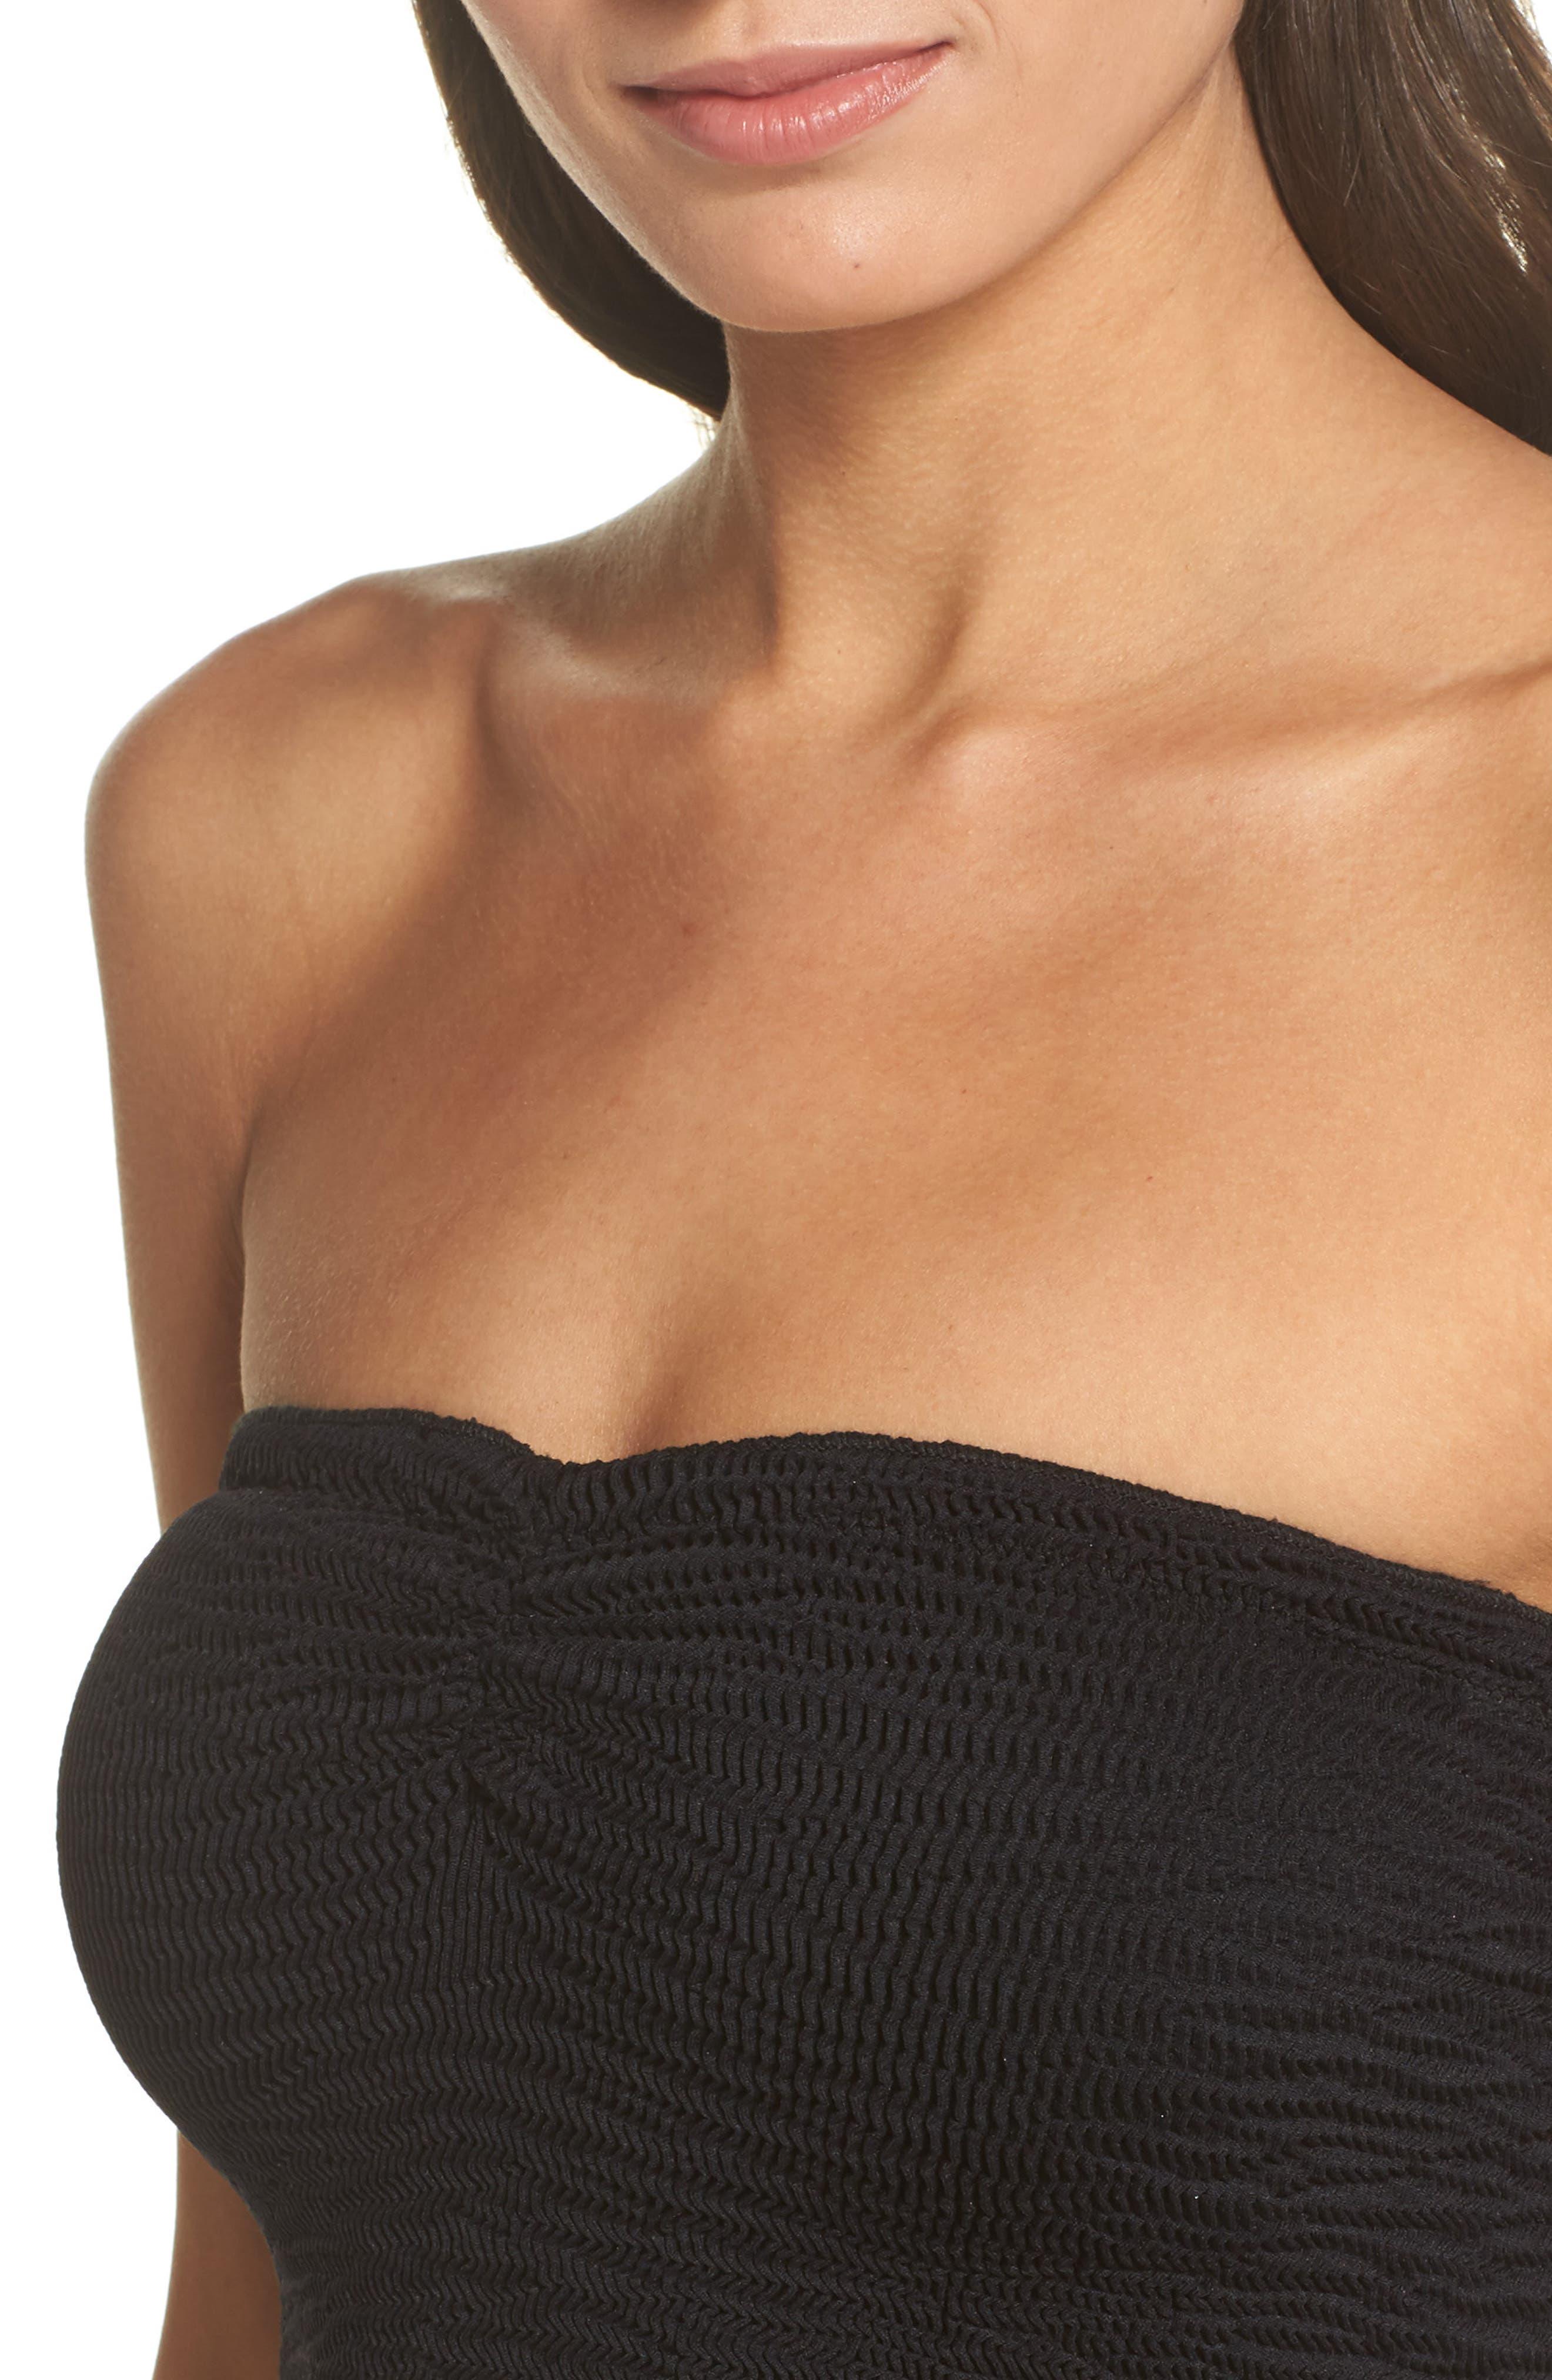 Tubular Bikini Top,                             Alternate thumbnail 4, color,                             001